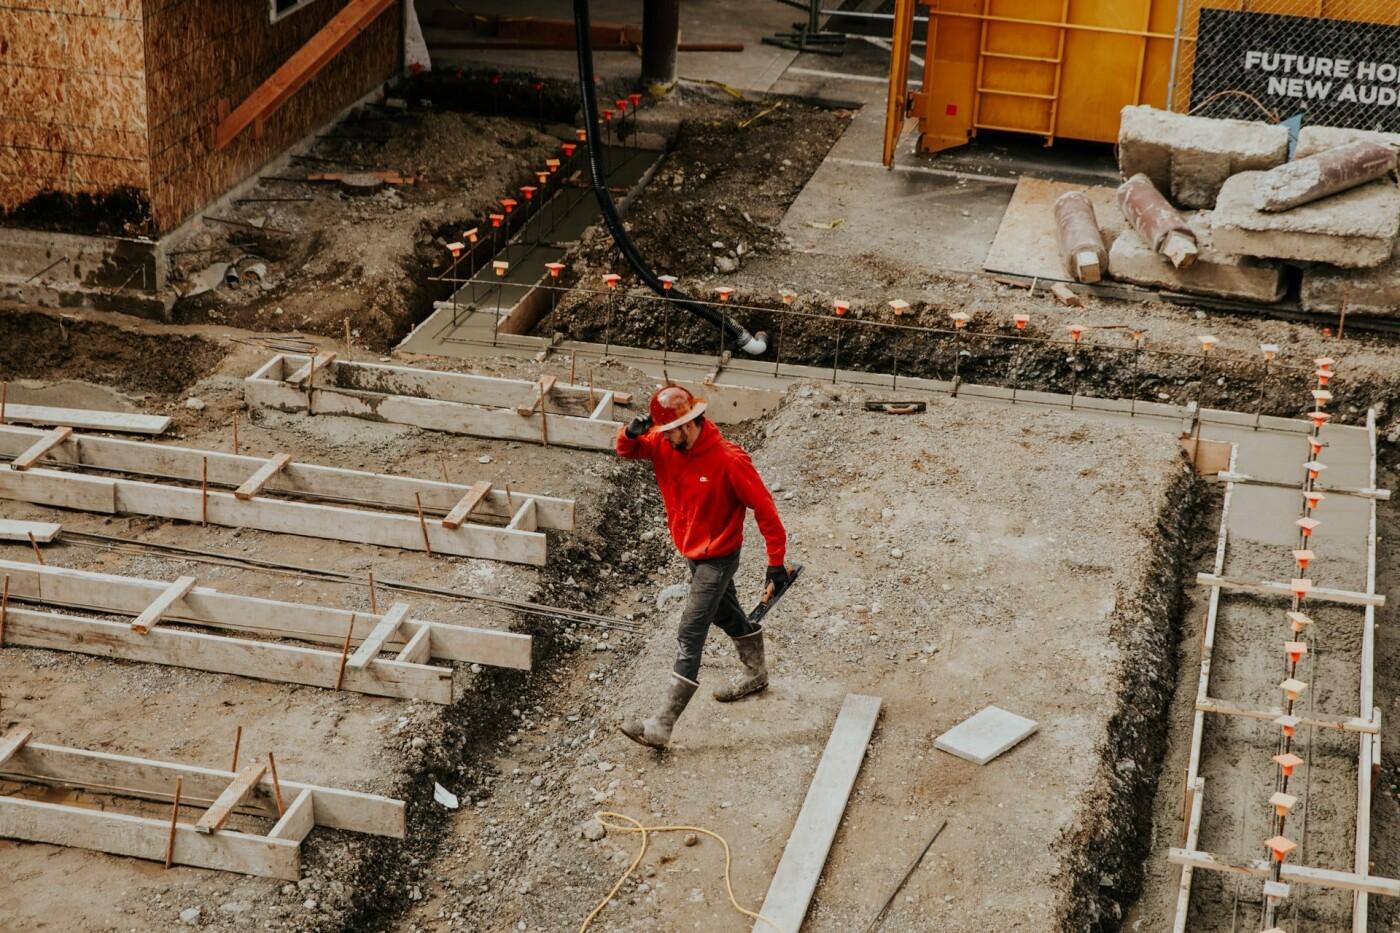 Все работники Киева: кого сейчас ищут работодатели, Фото: Becca Tapert